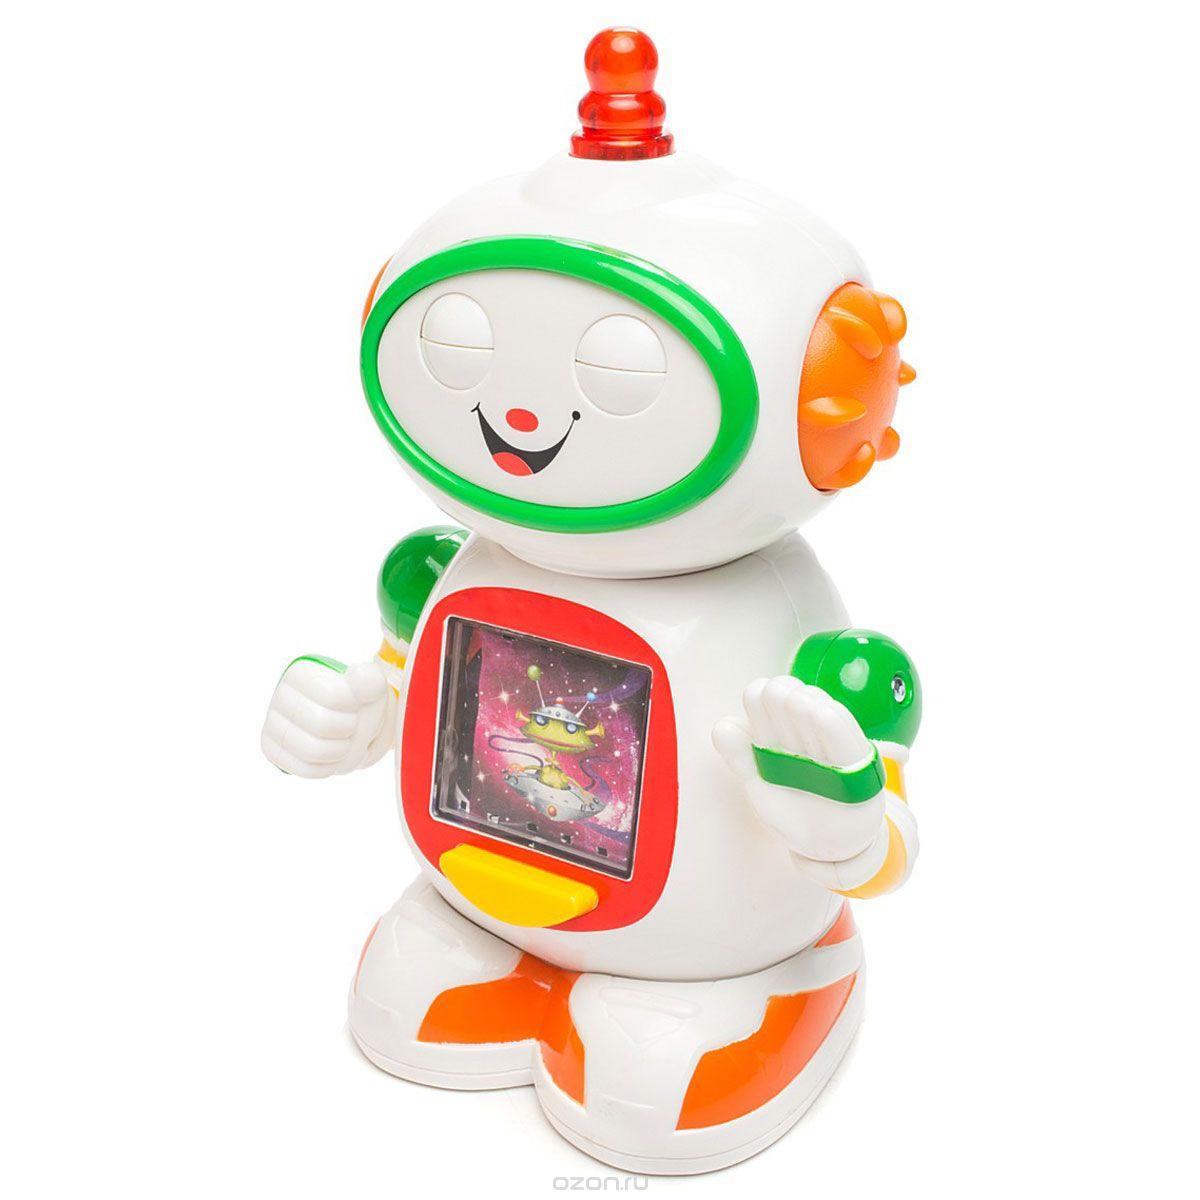 Kiddieland Развивающая игрушка Приятель робот кошка игрушка робот купить